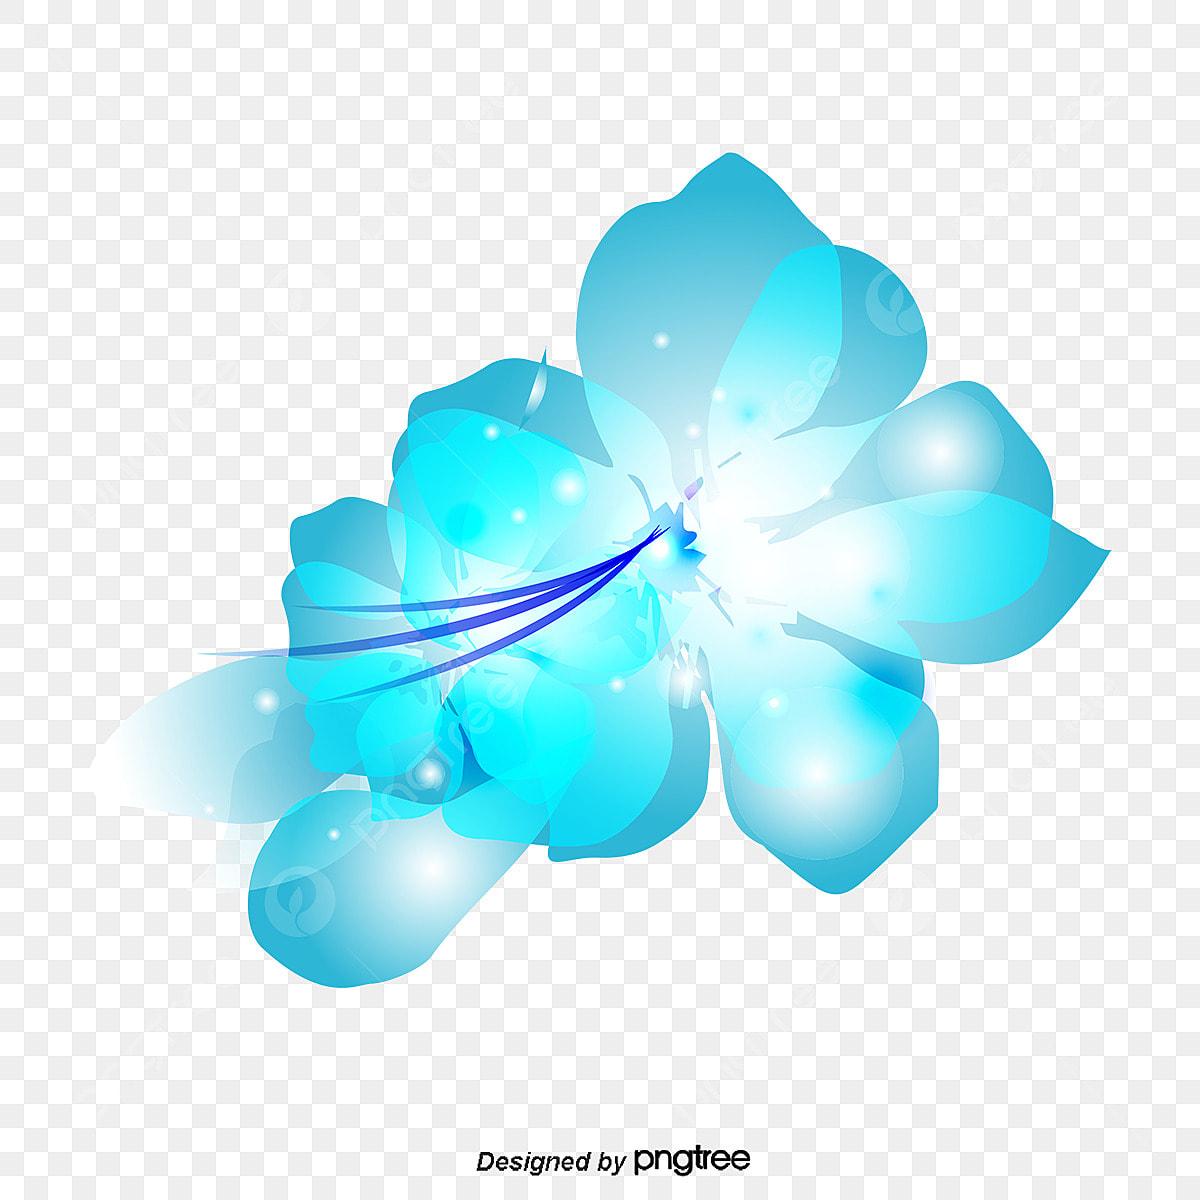 Fantasi Bunga Biru Bunga Bunga Fantasi Biru Png Dan Vektor